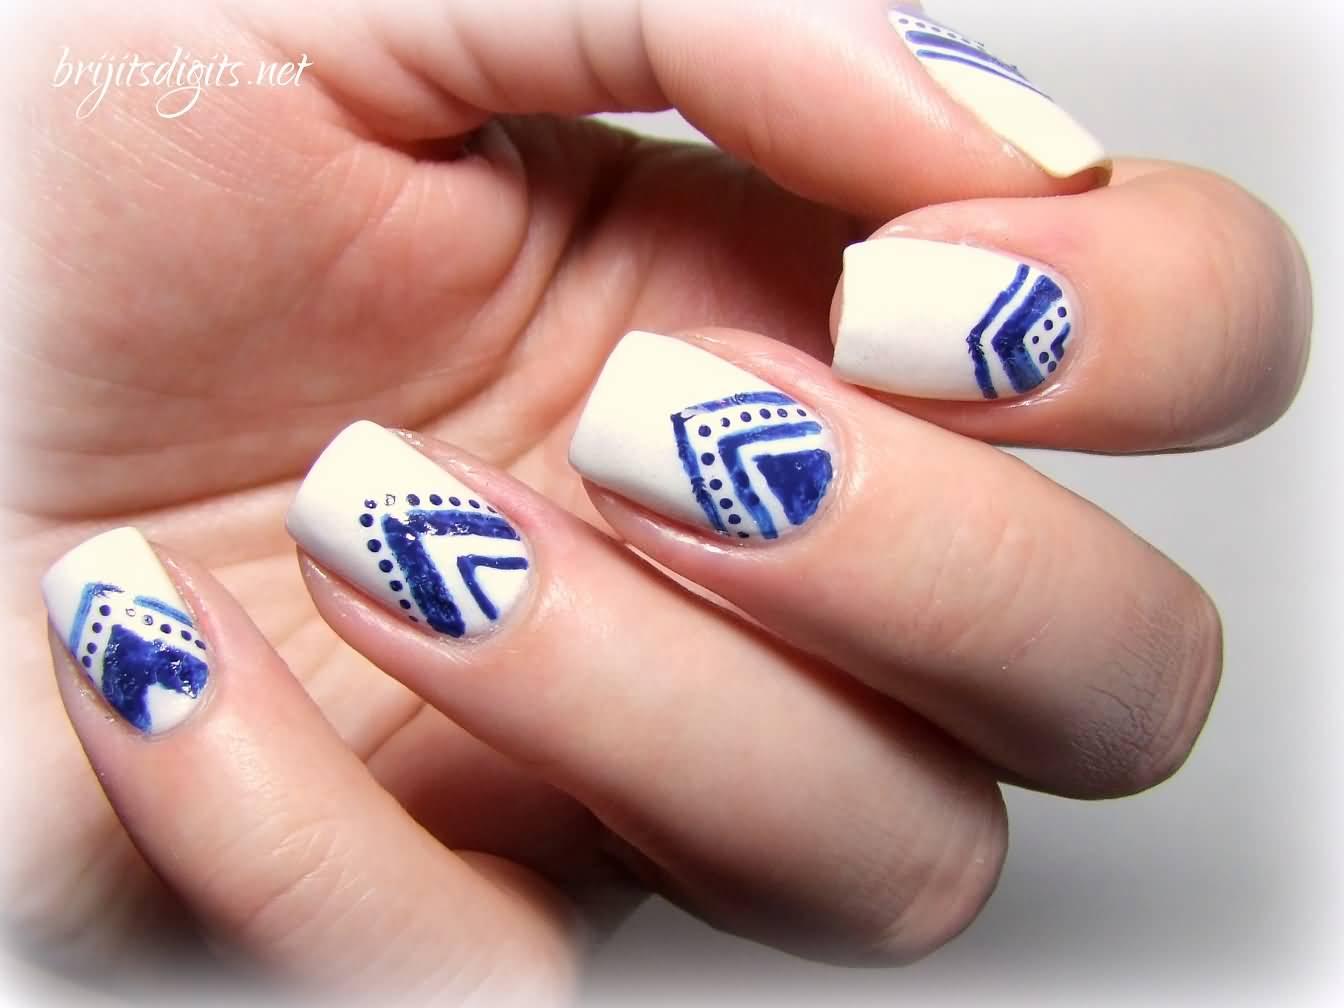 Blue Chevron Nail Art On White Nails